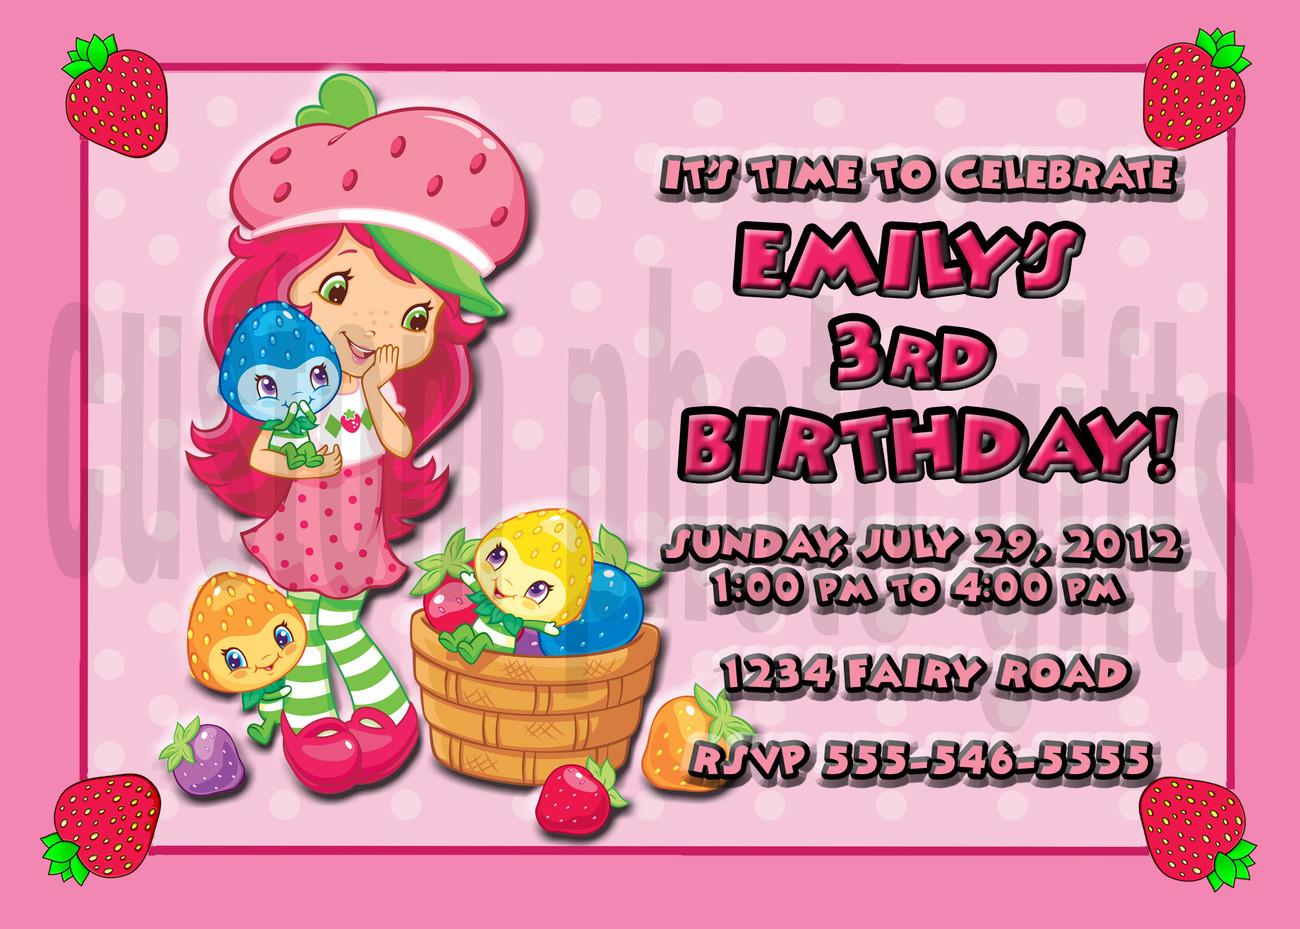 Strawberry Shortcake Birthday Invitations  Personalized Strawberry Shortcake Birthday Invitation